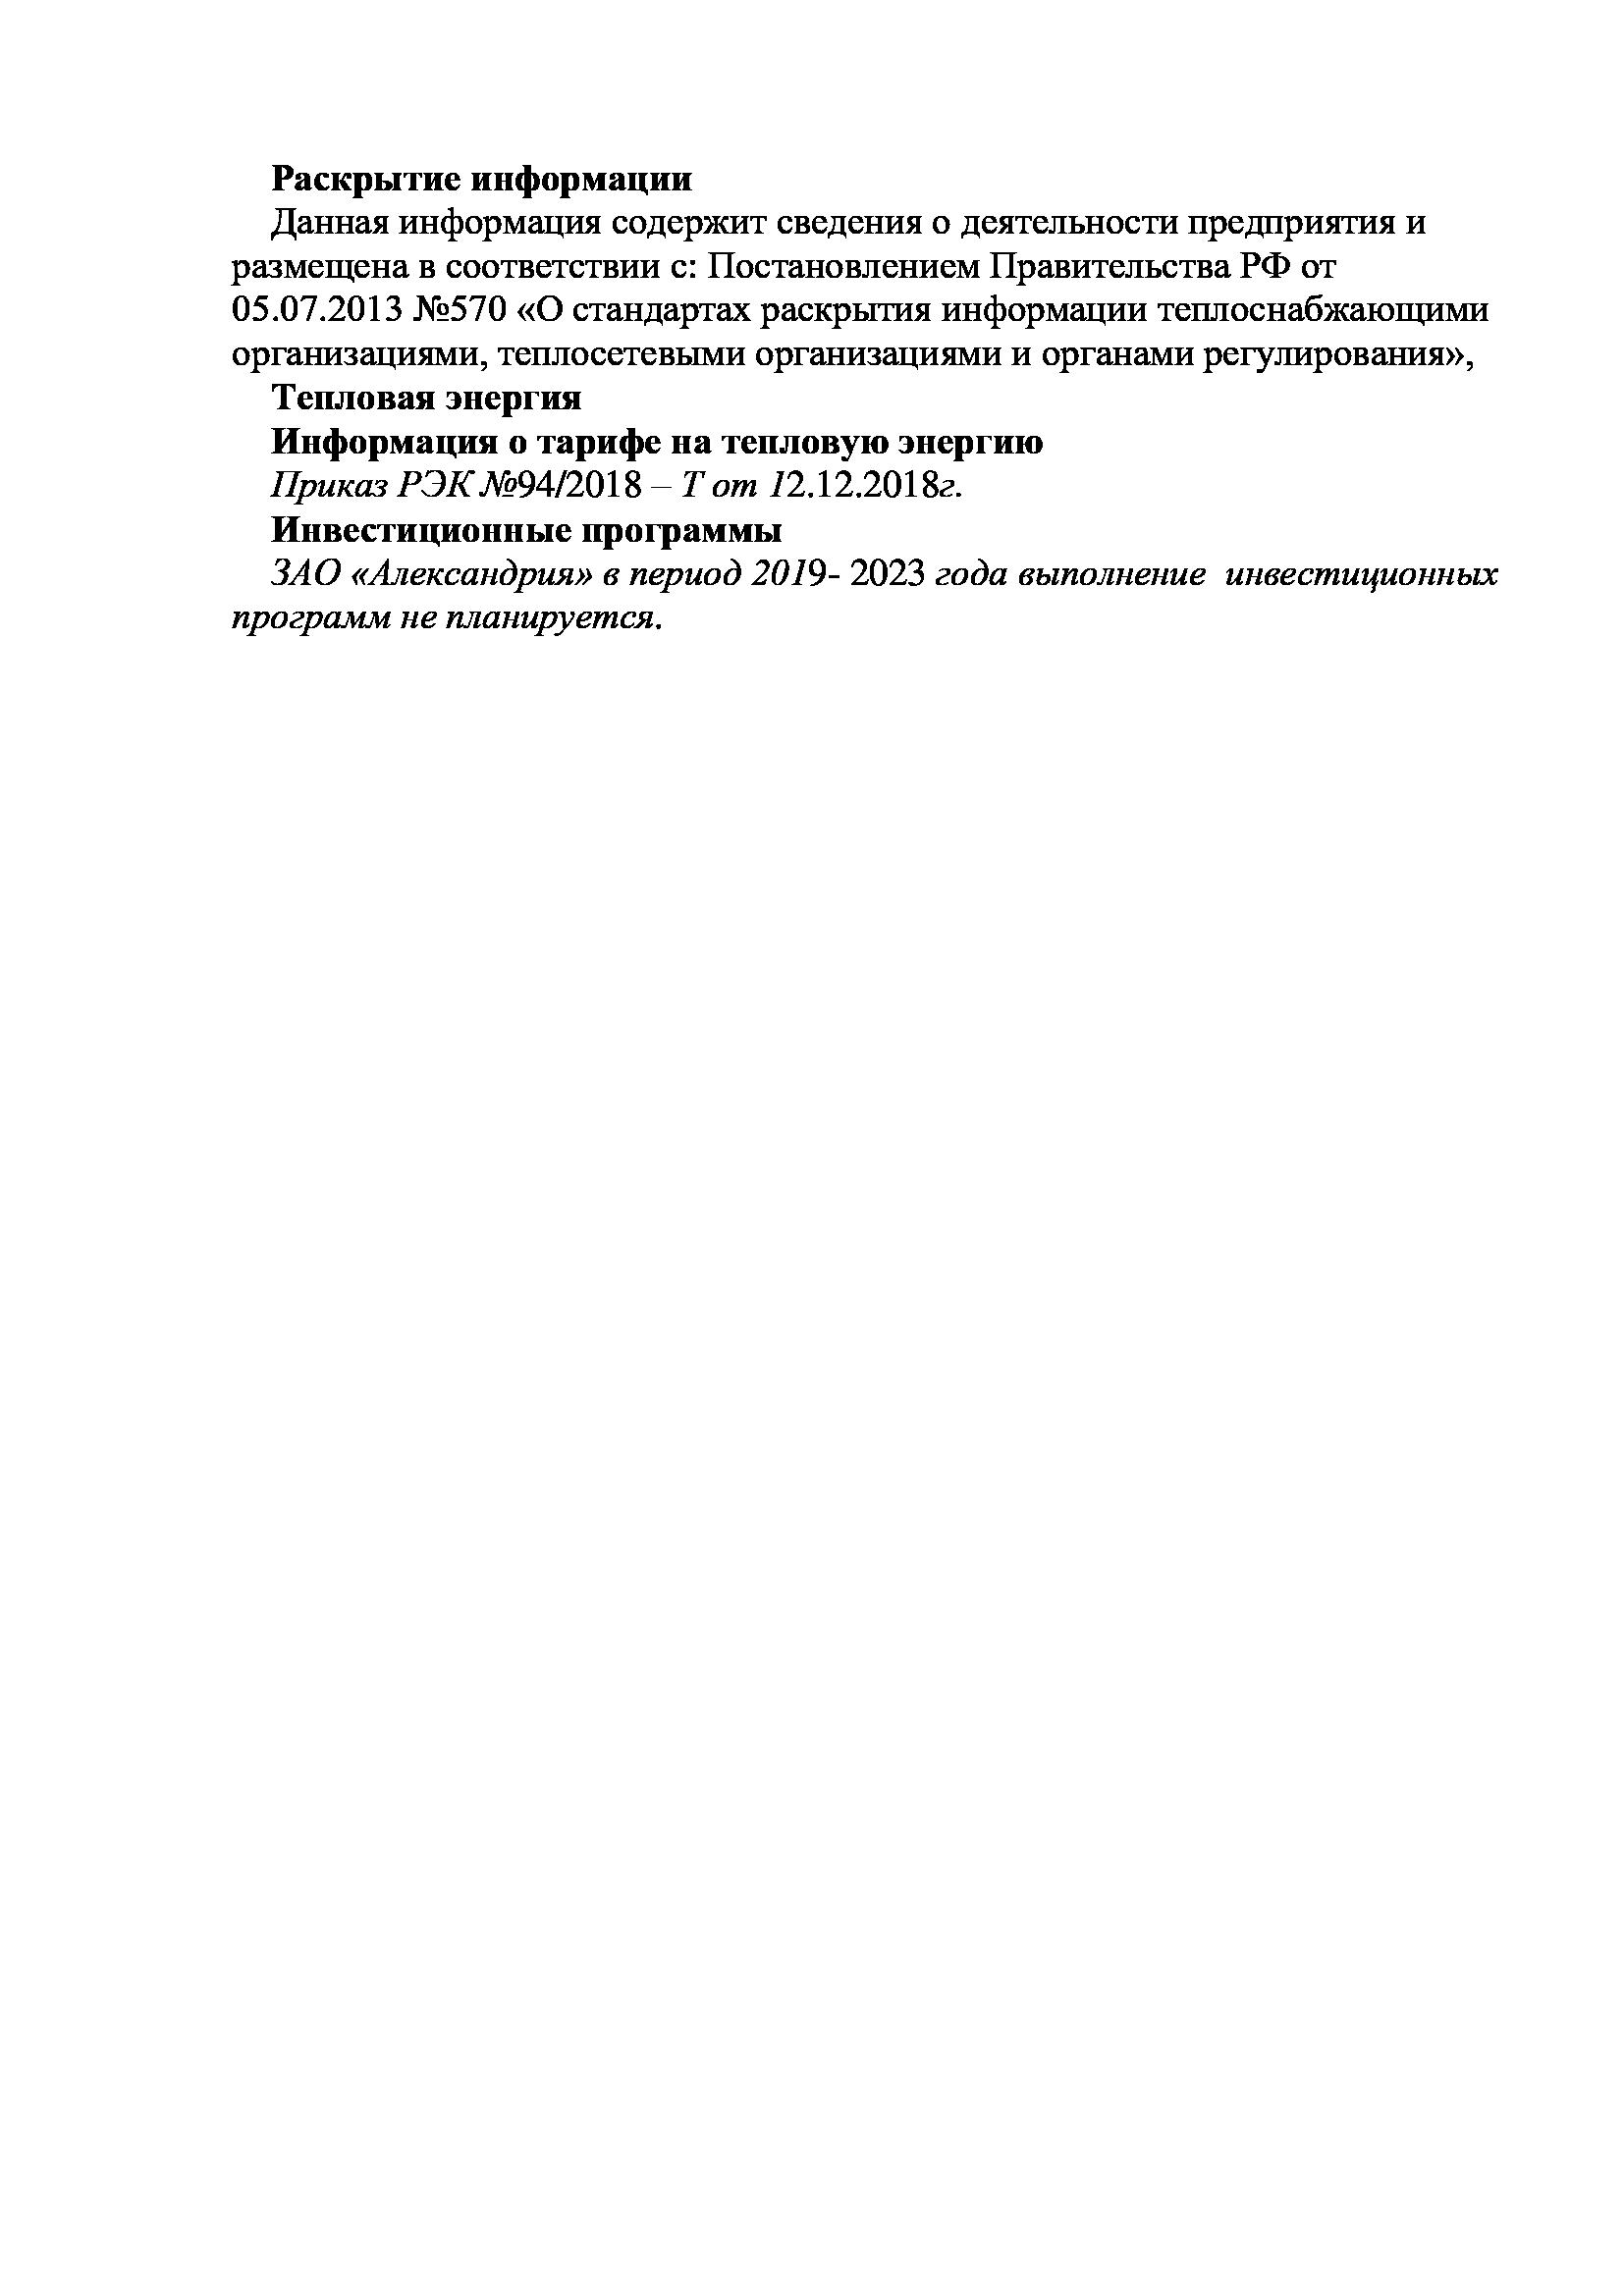 Русификатор teamspeak скачать бесплатно русификатор teamspeak 4. 7.